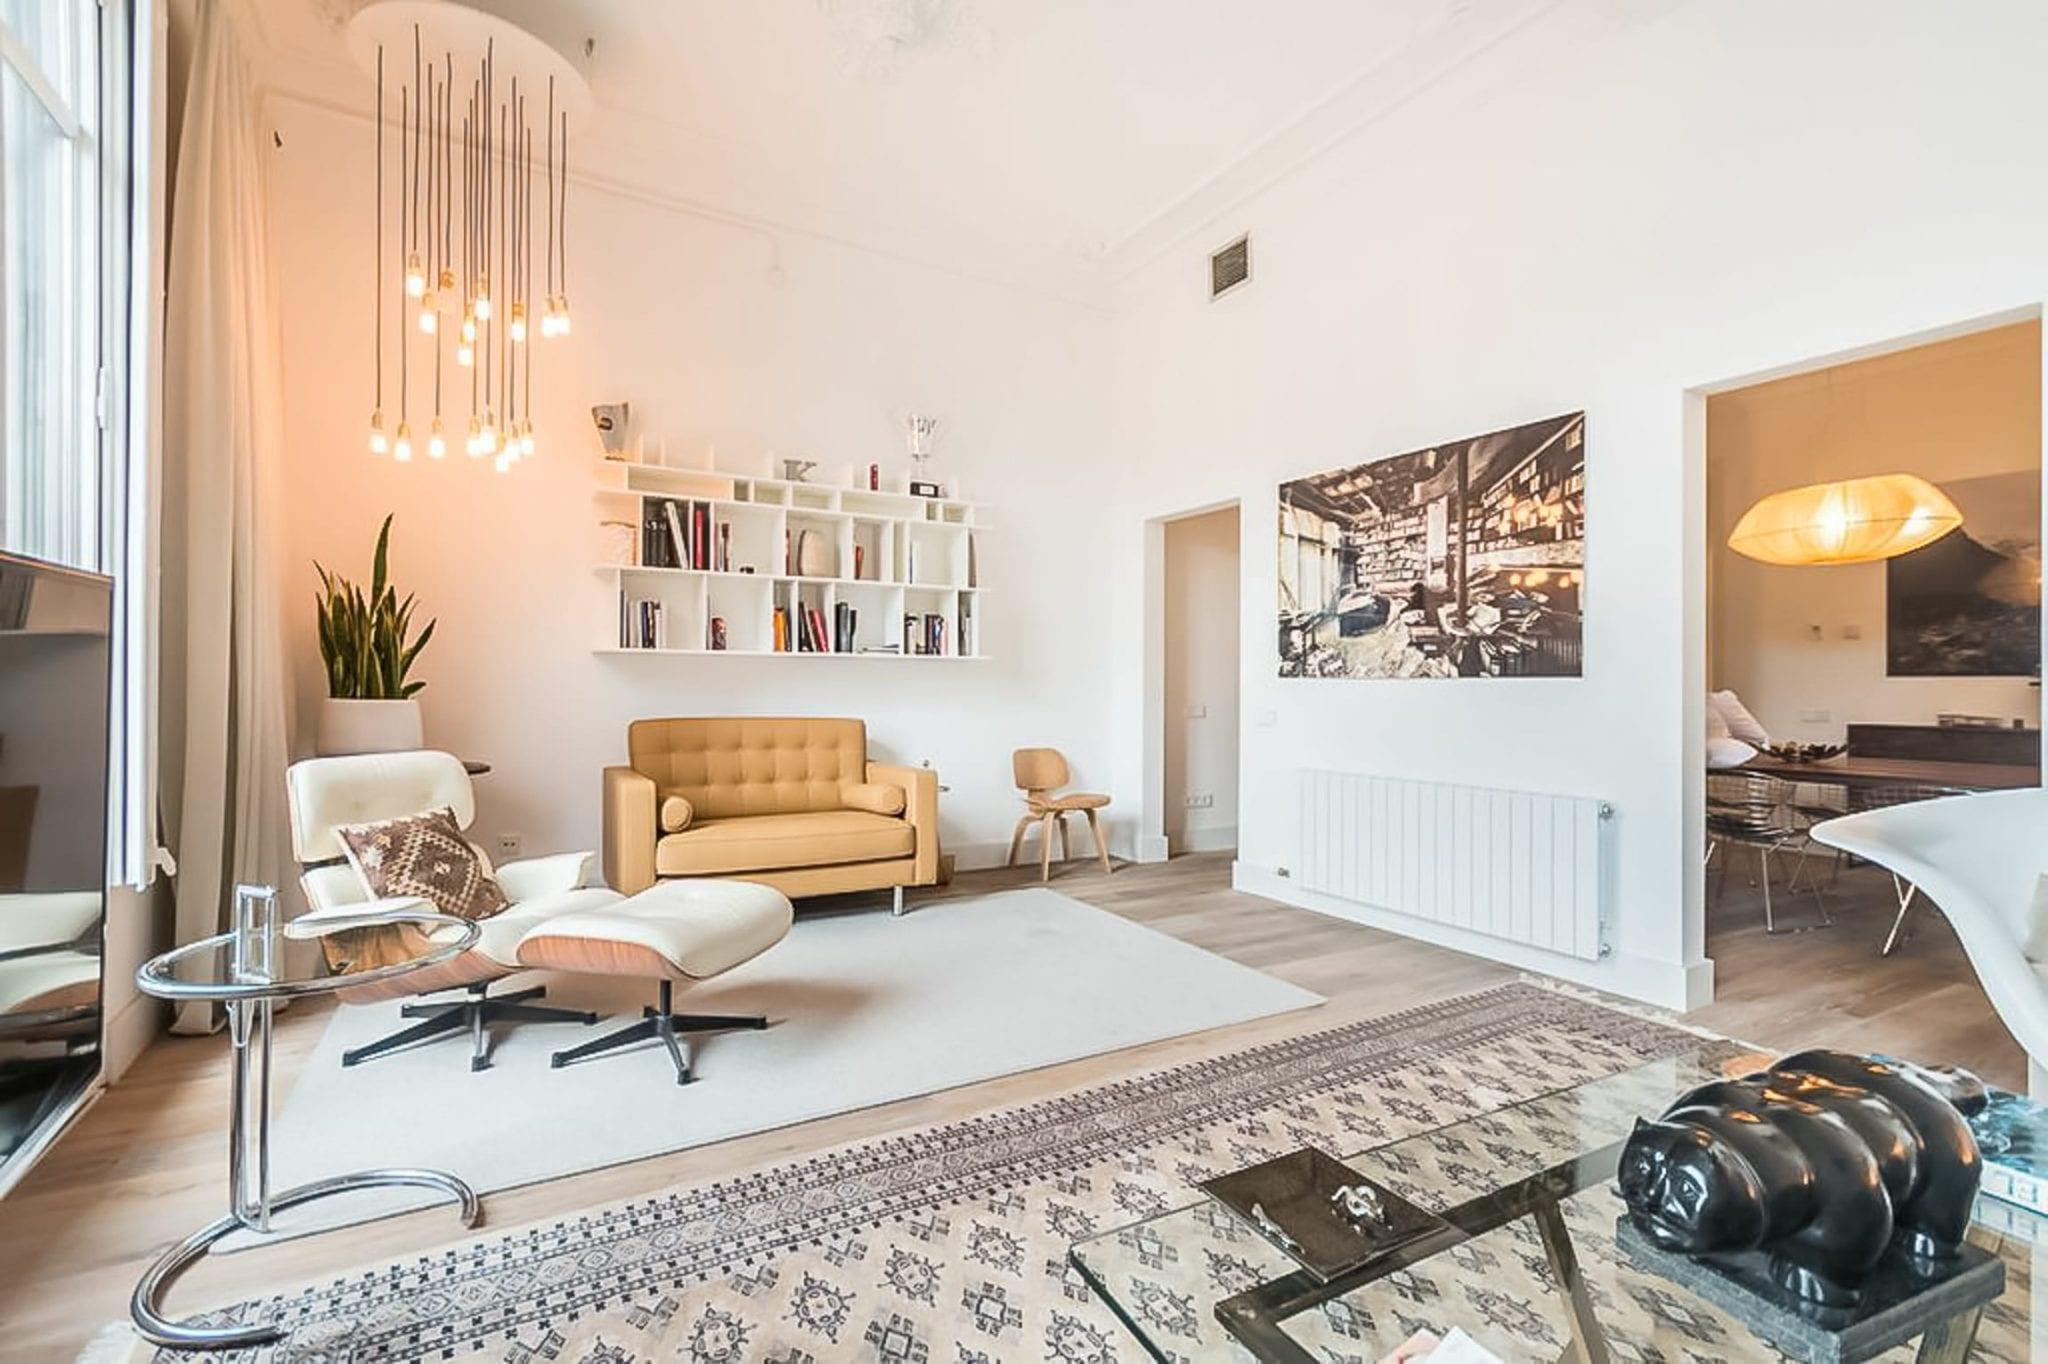 Luxury Private Villa in Barcelona, Sleeps 7 / 3 bedrooms / 2 bathrooms